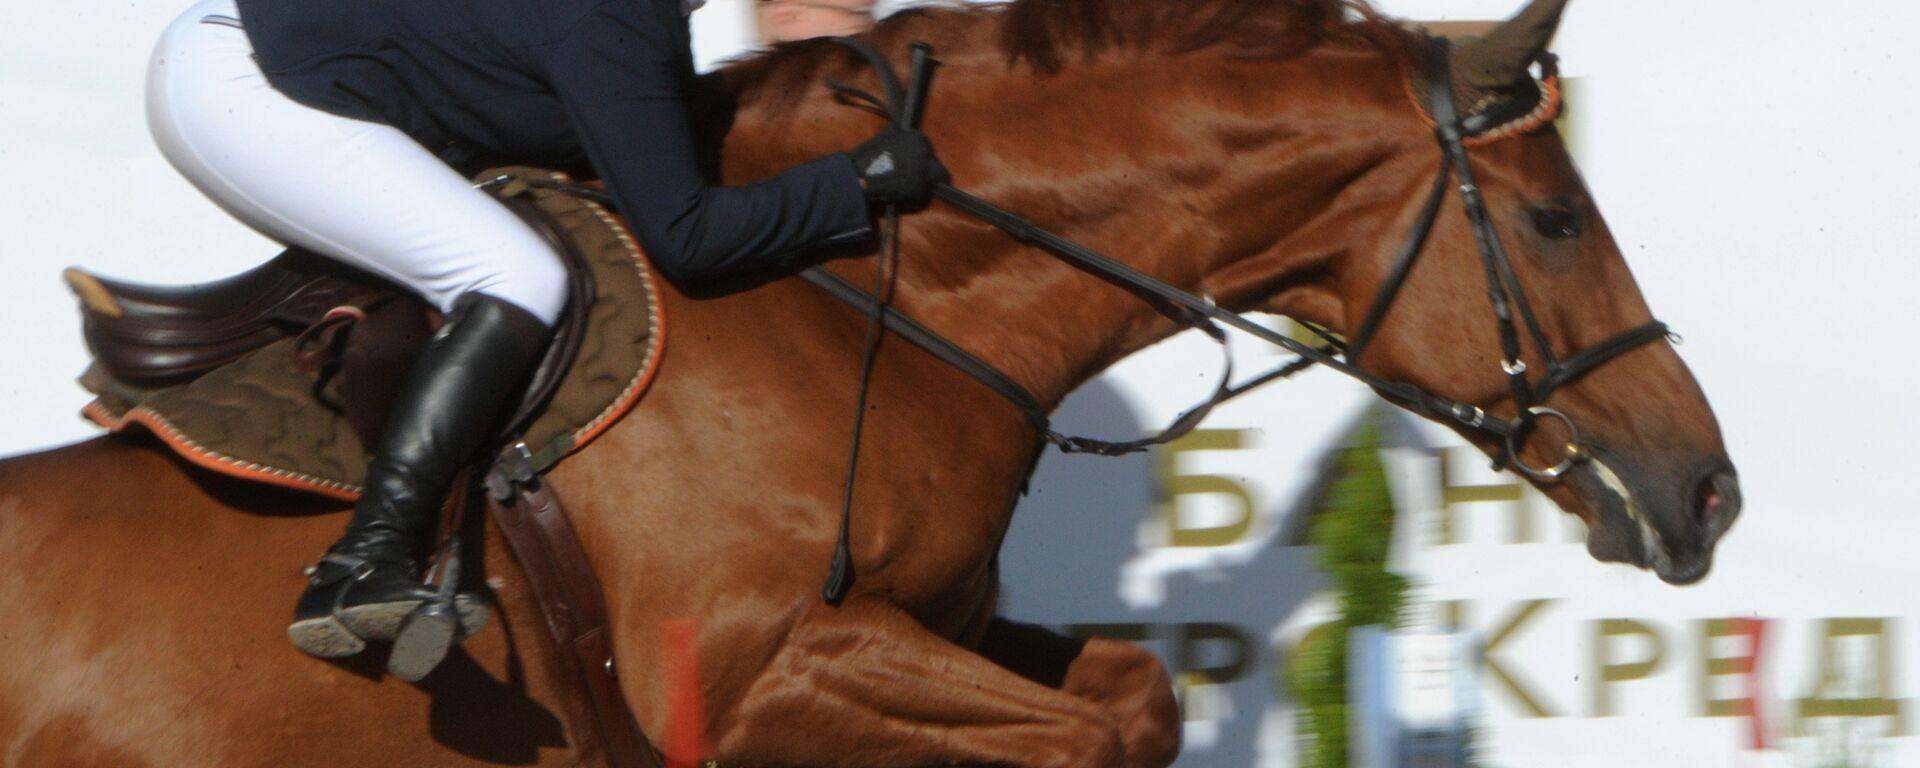 Международный конный турнир  - Sputnik Узбекистан, 1920, 06.08.2021